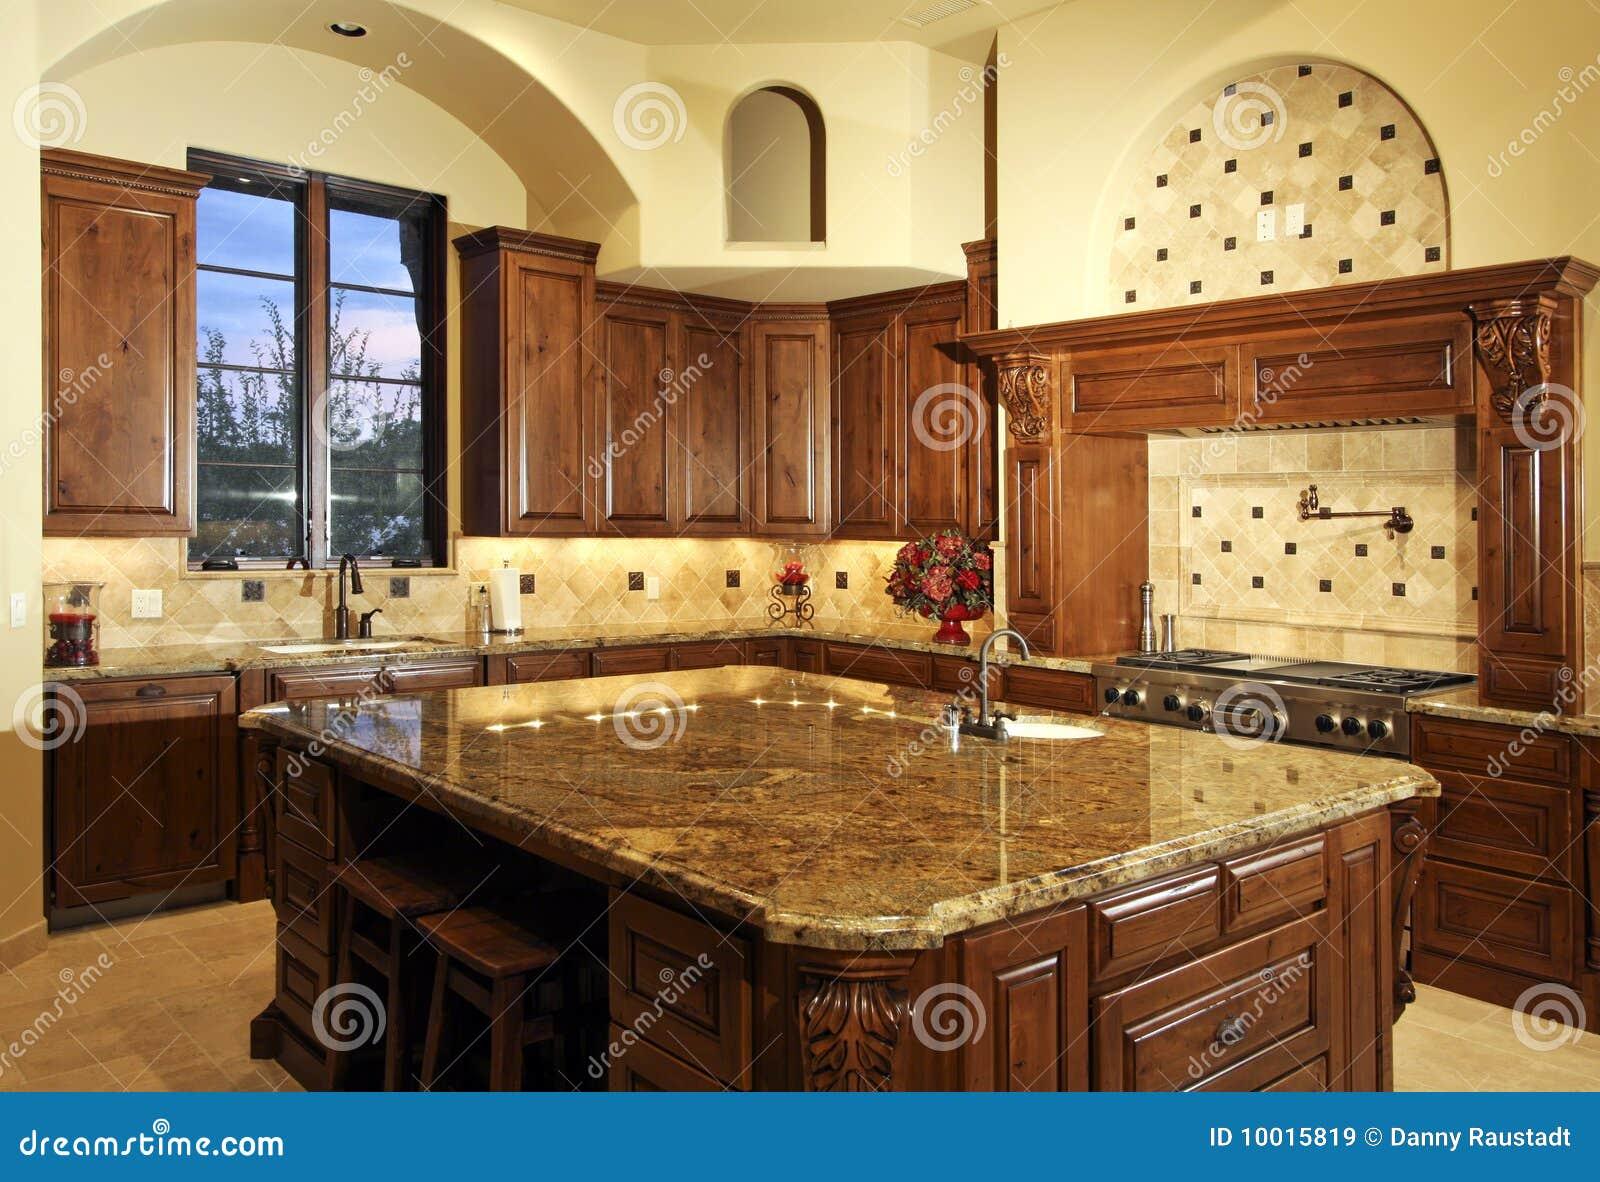 De grote nieuwe keuken van het huis van het herenhuis royalty vrije stock afbeeldingen - Moderne keuken in het oude huis ...